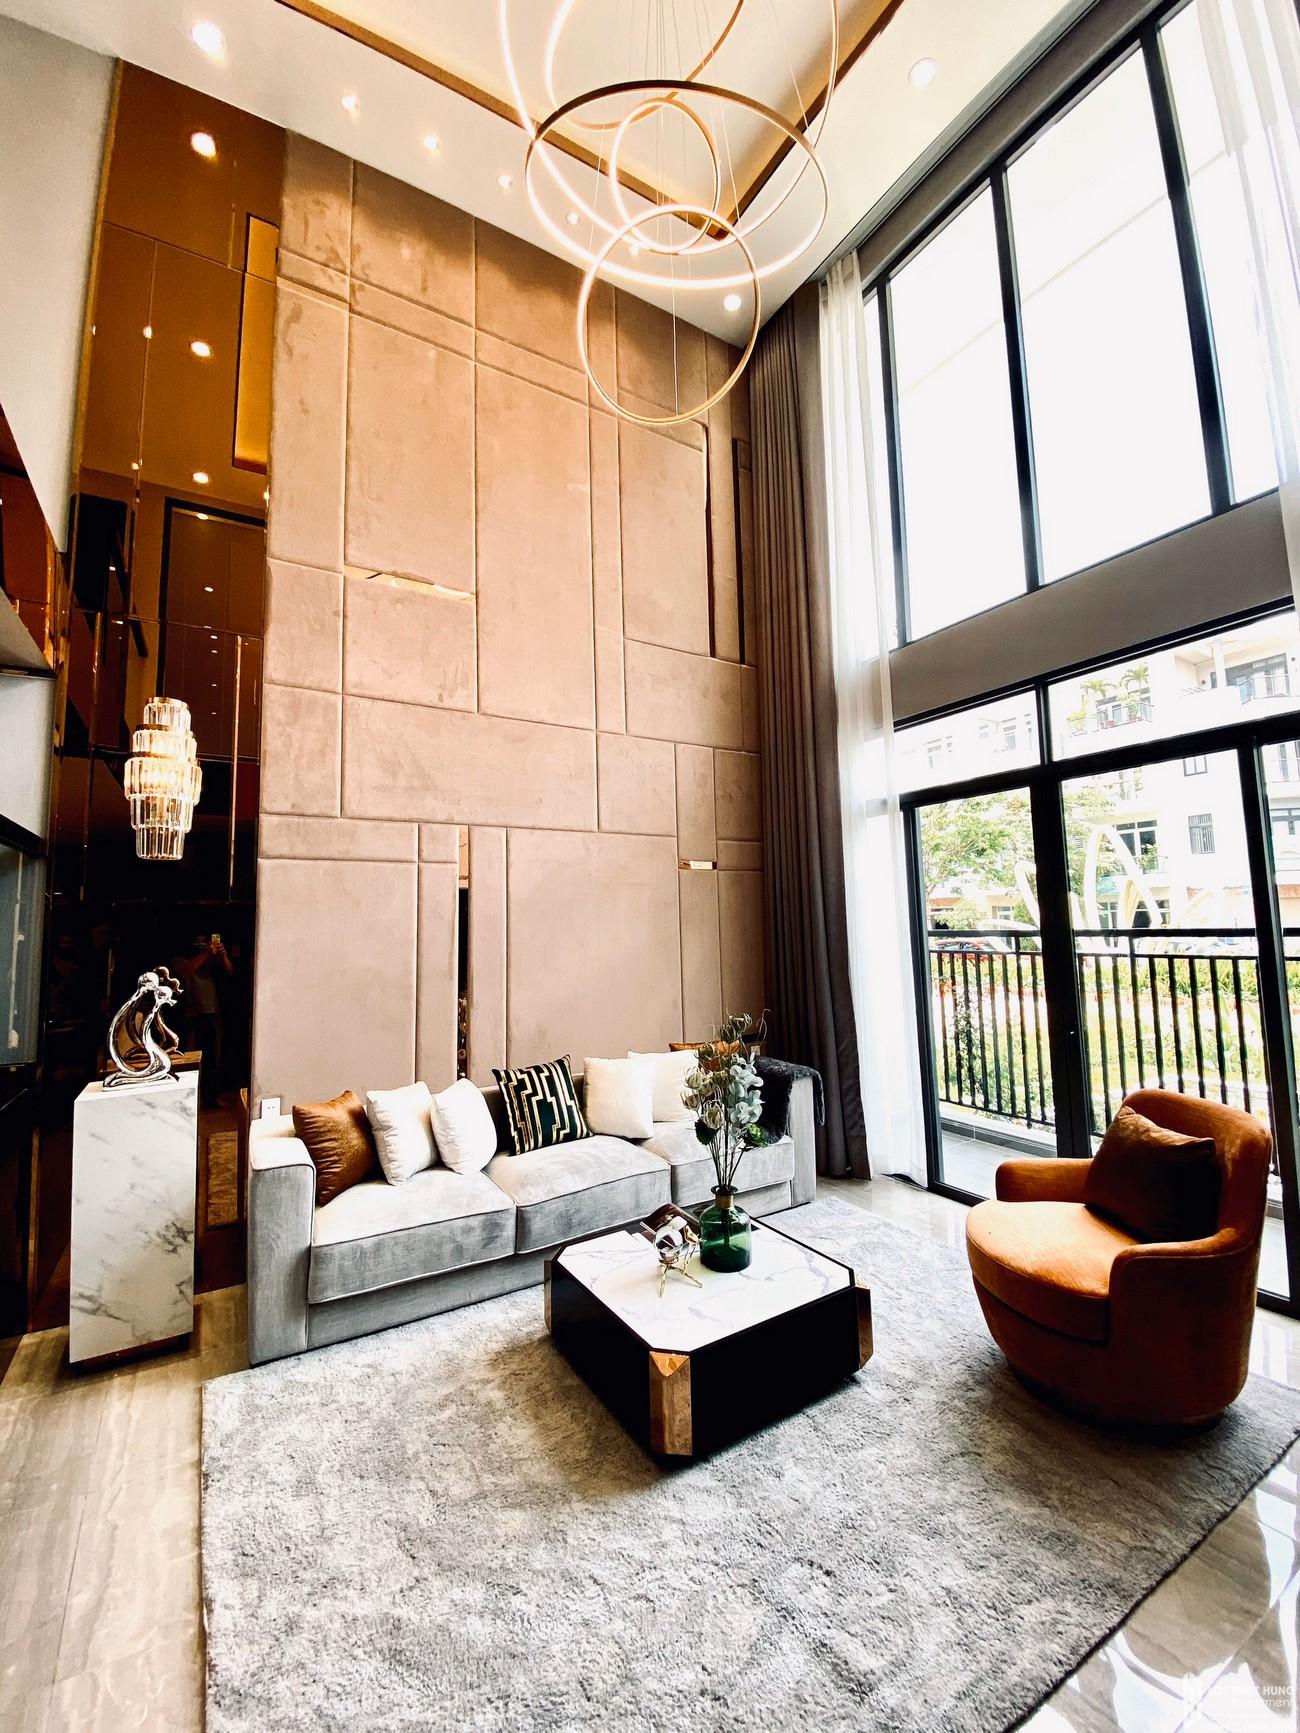 Phòng khác nhà mẫu thực tế dự án căn hộ chung cư Phú Đông Sky Garden Dĩ An Đường An Bình chủ đầu tư Phú Đông Group